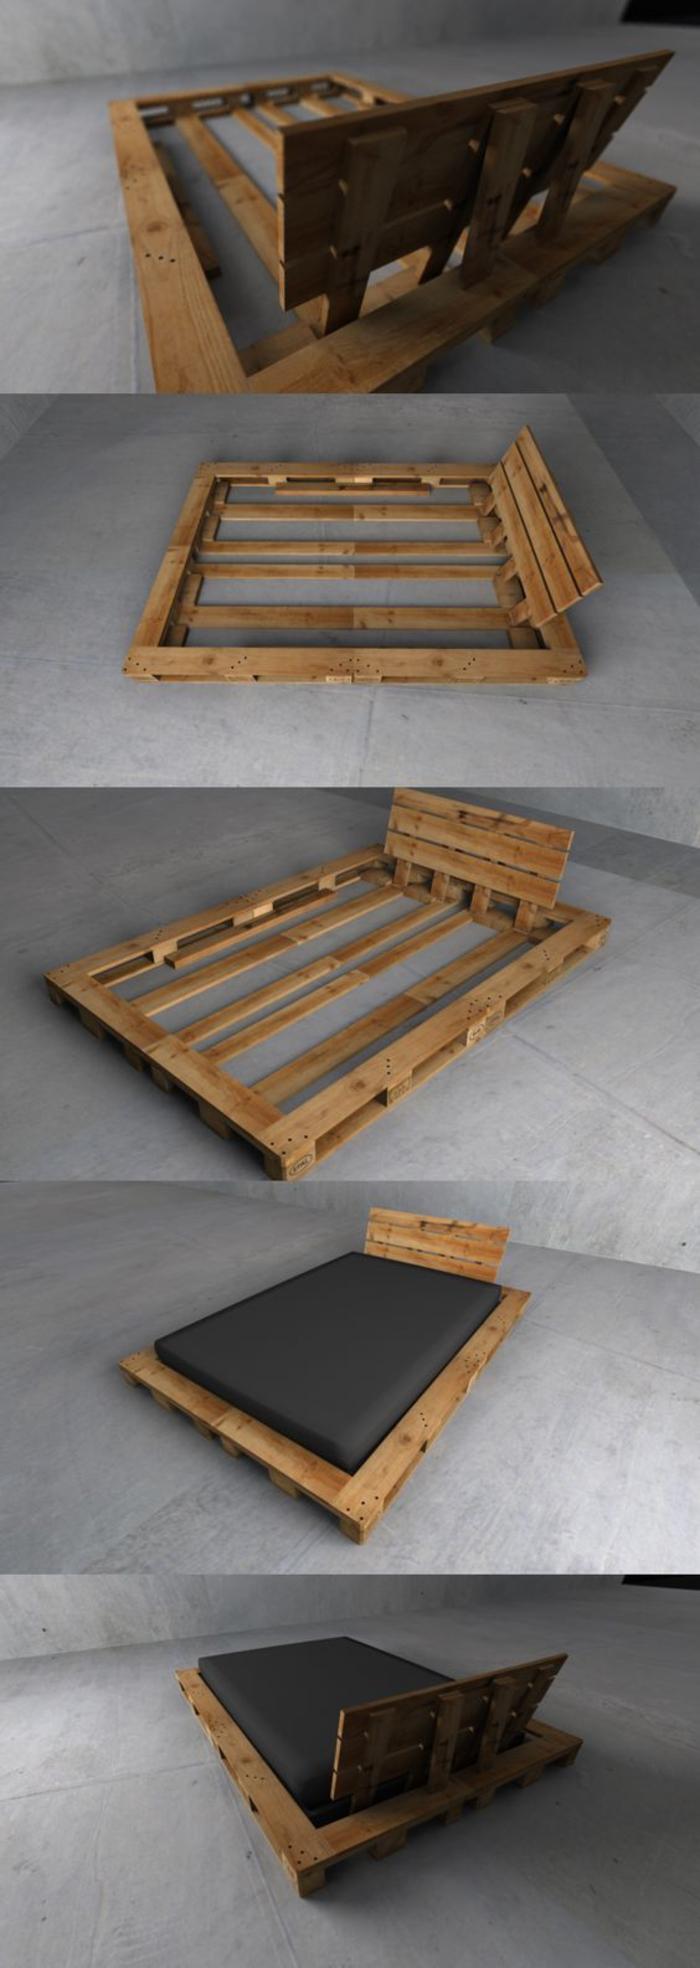 Comment faire une tete de lit en bois de palette - Comment faire un lit avec des palettes ...